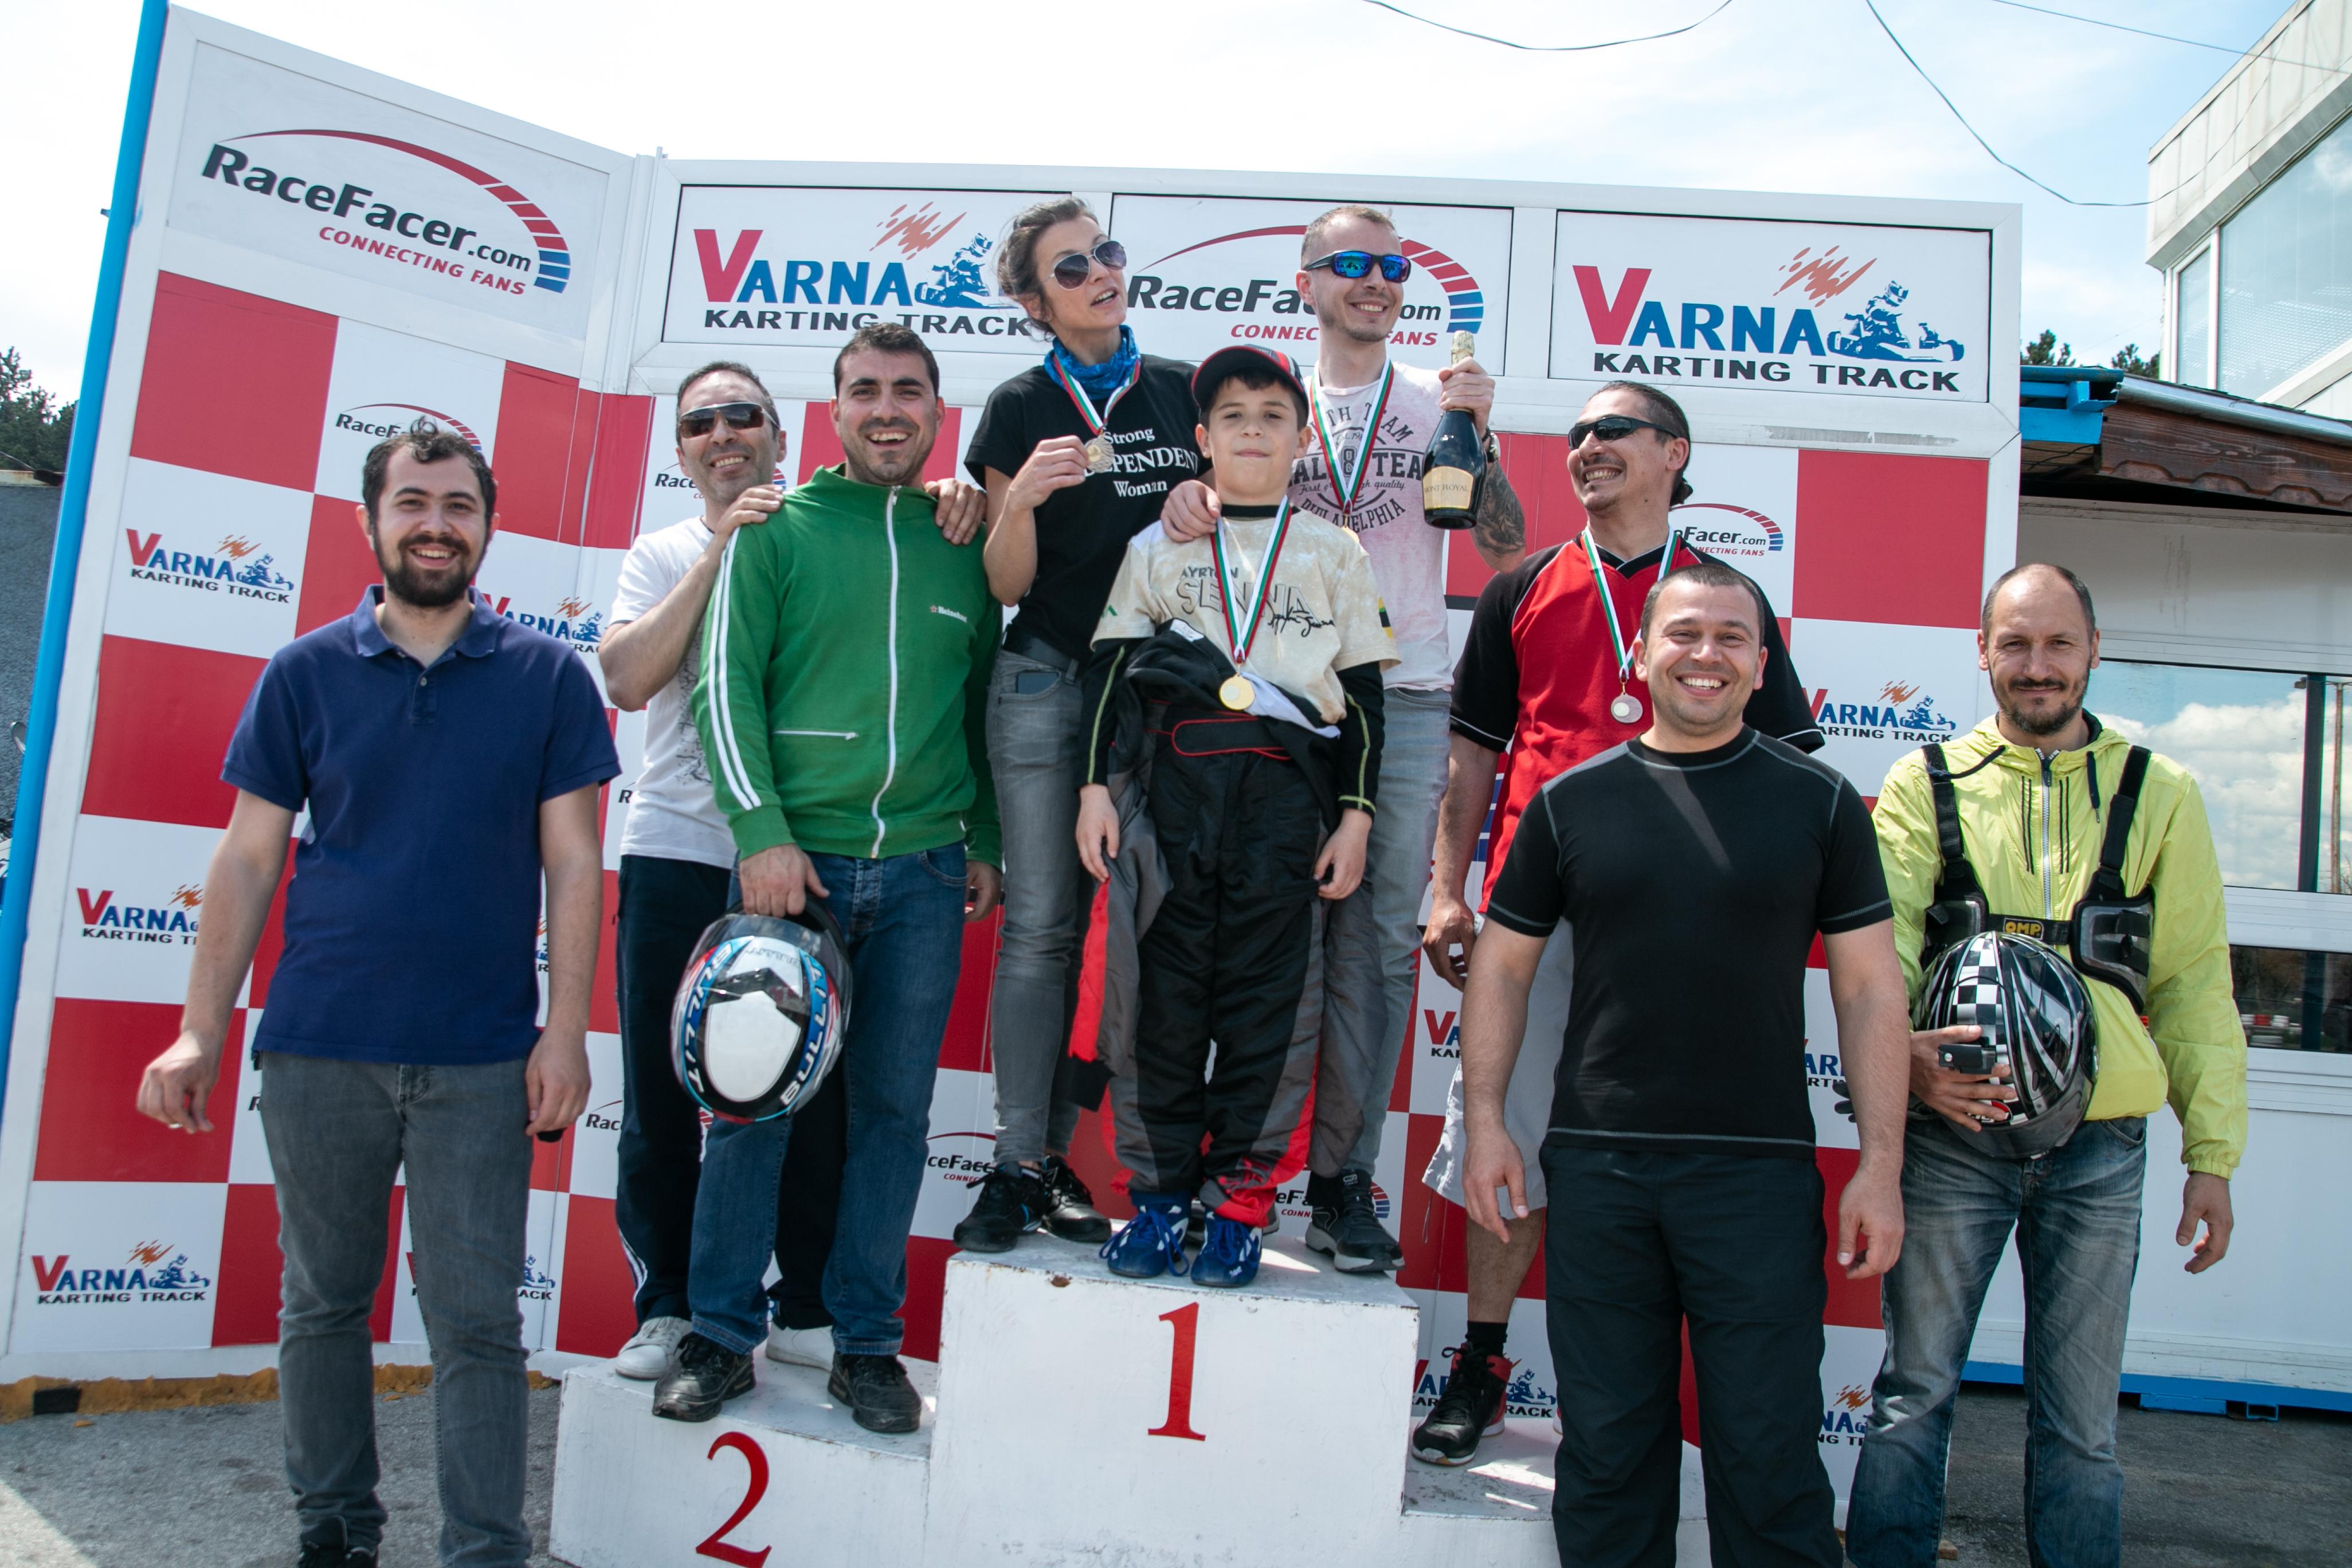 race-karting-senna-varnakarting-winners